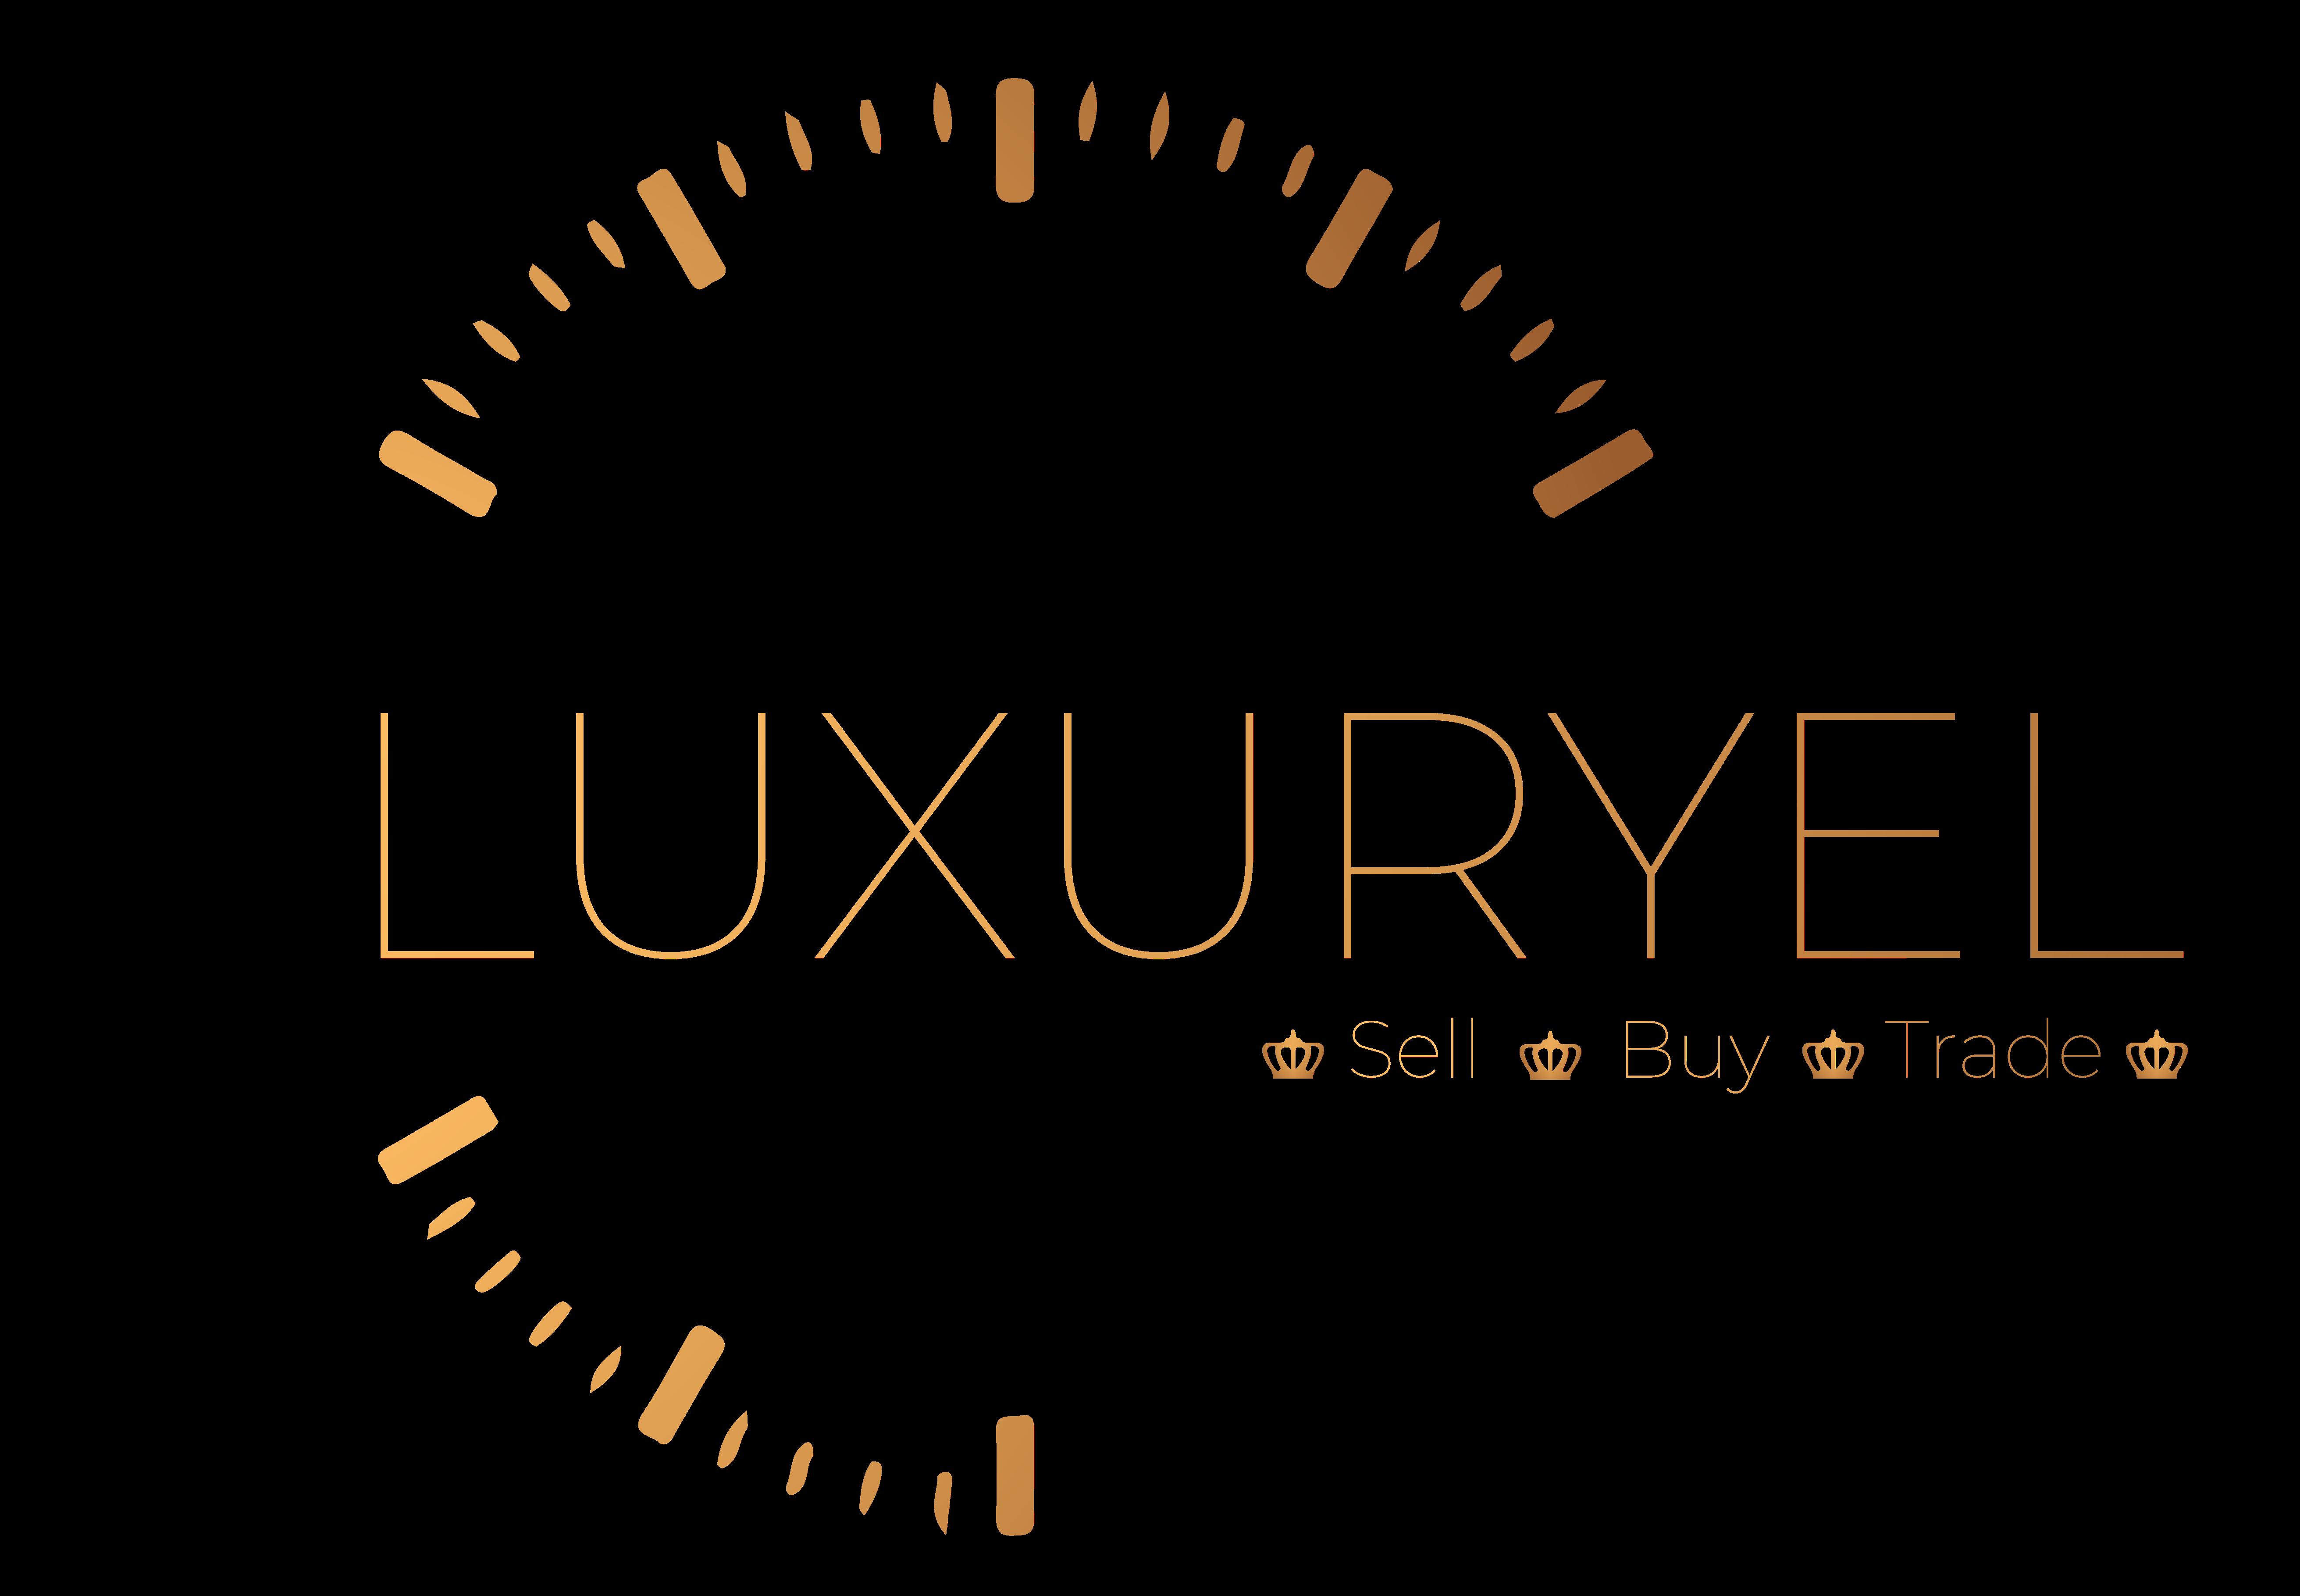 Luxuryel